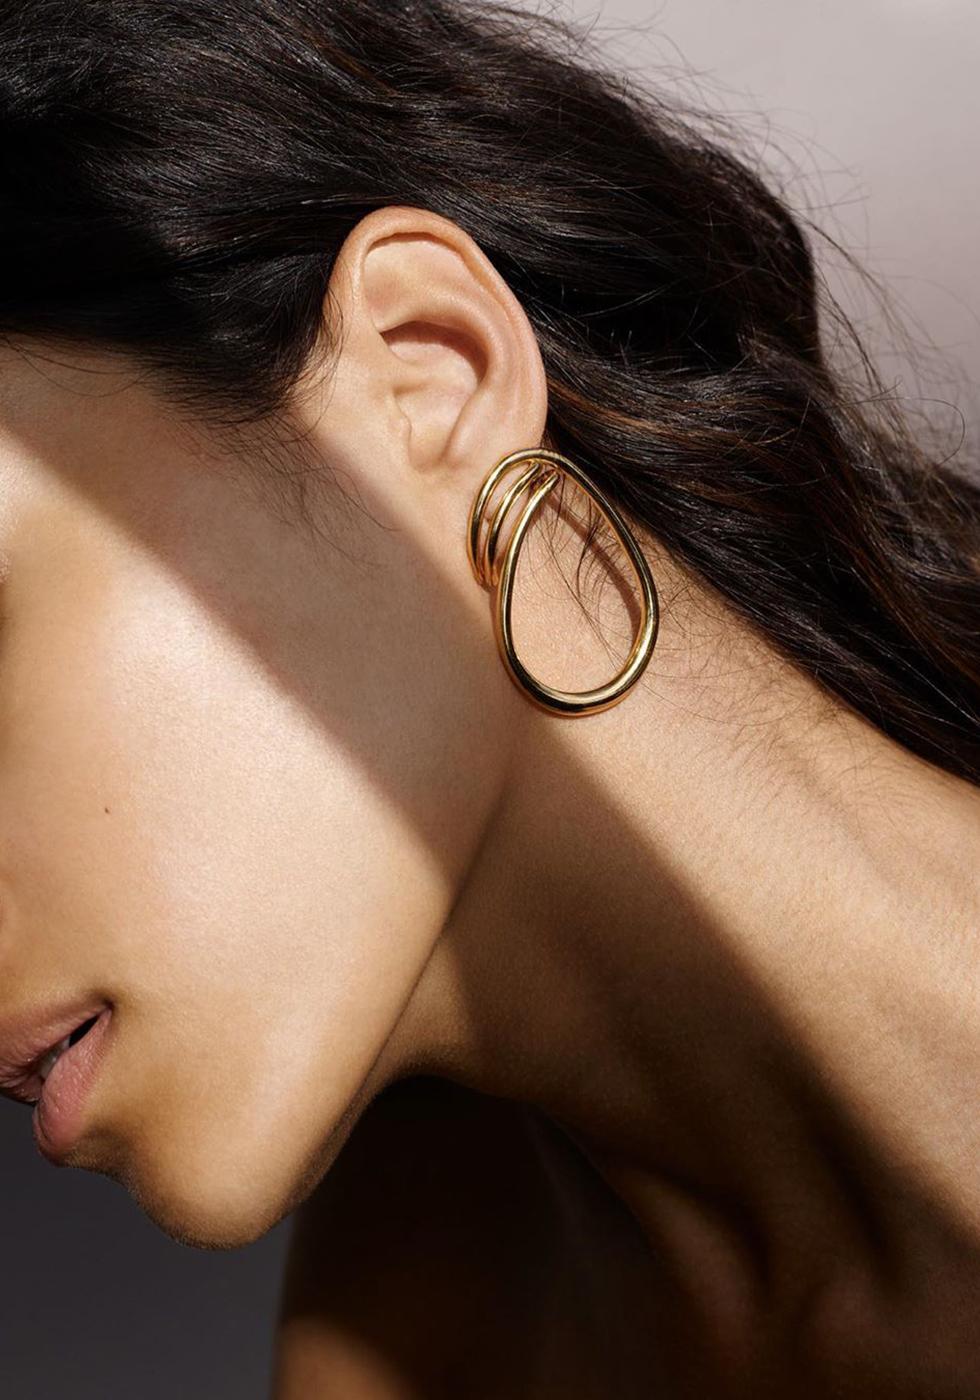 charlottechesnaisjewelry4